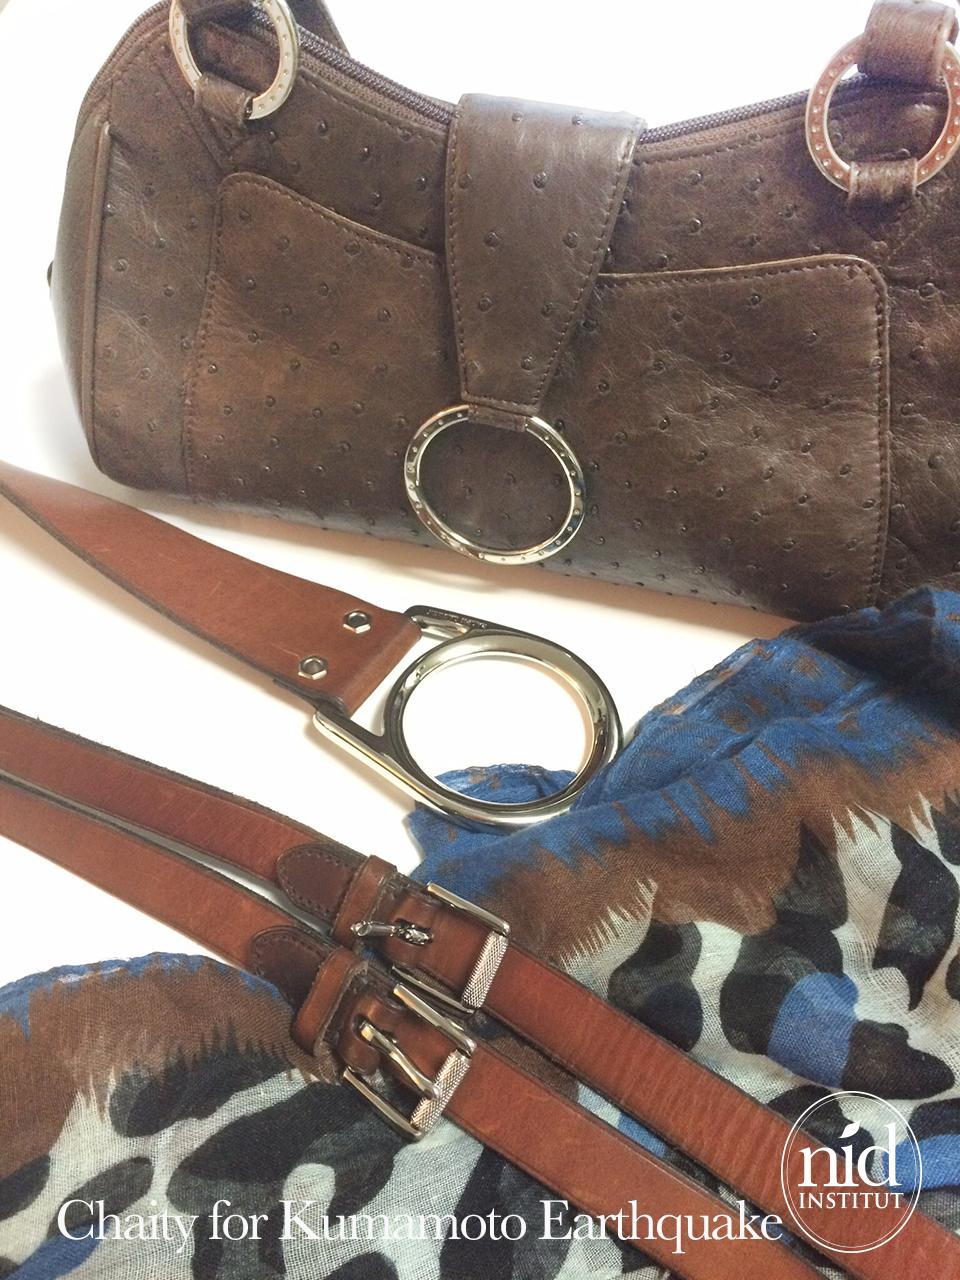 熊本地震チャリティーバッグやベルト オーストリッチのバッグ、ラルフローレンのベルト